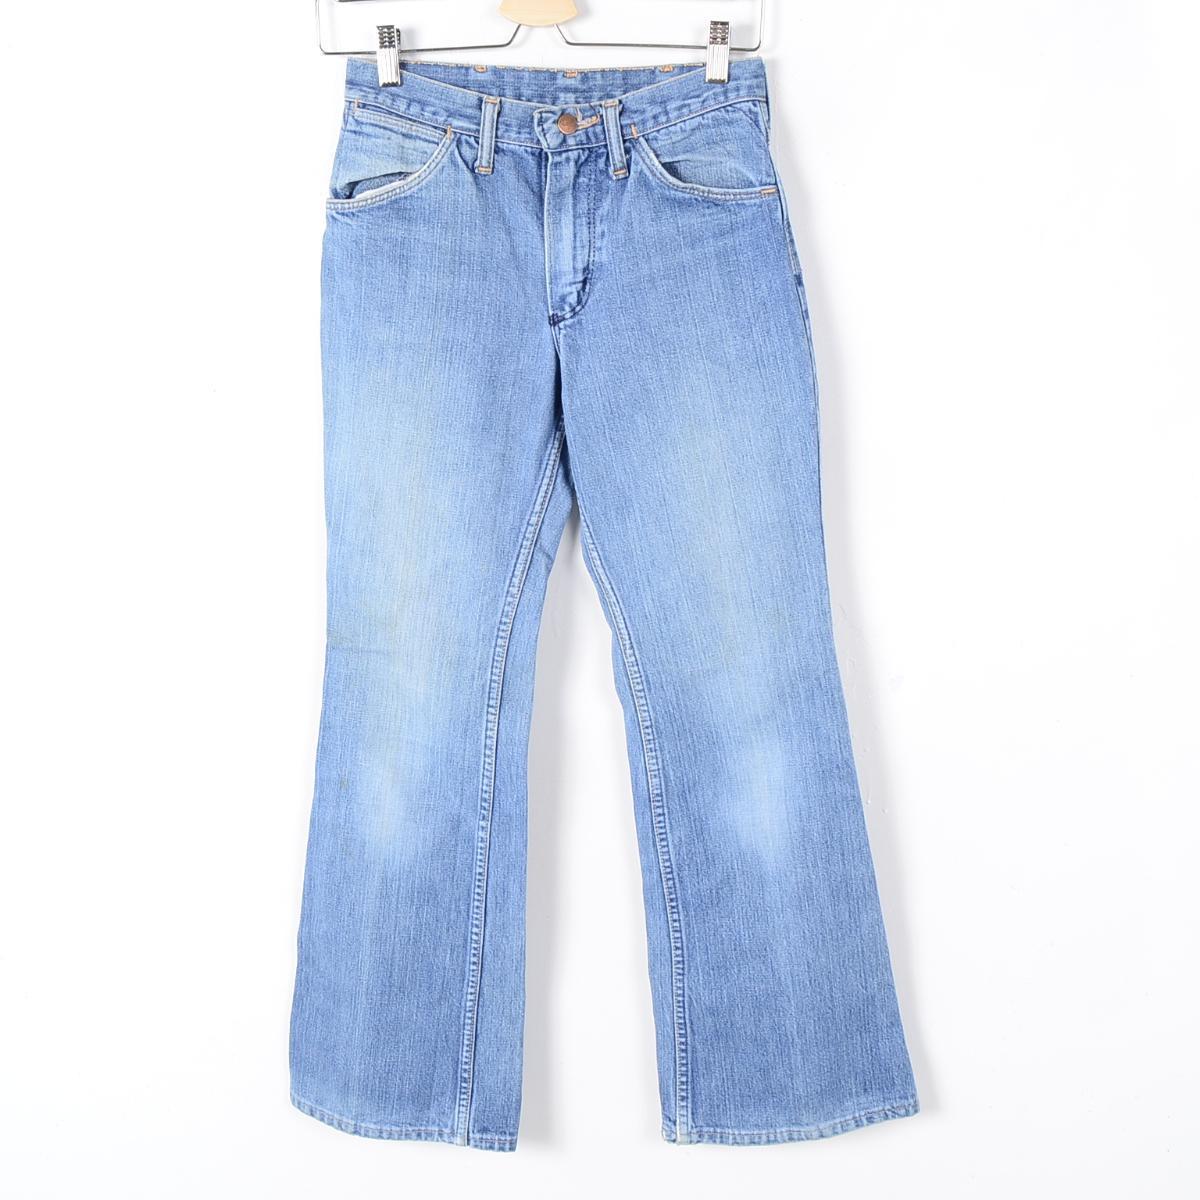 VINTAGE CLOTHING JAM TRADING | Rakuten Global Market: Wrangler ...